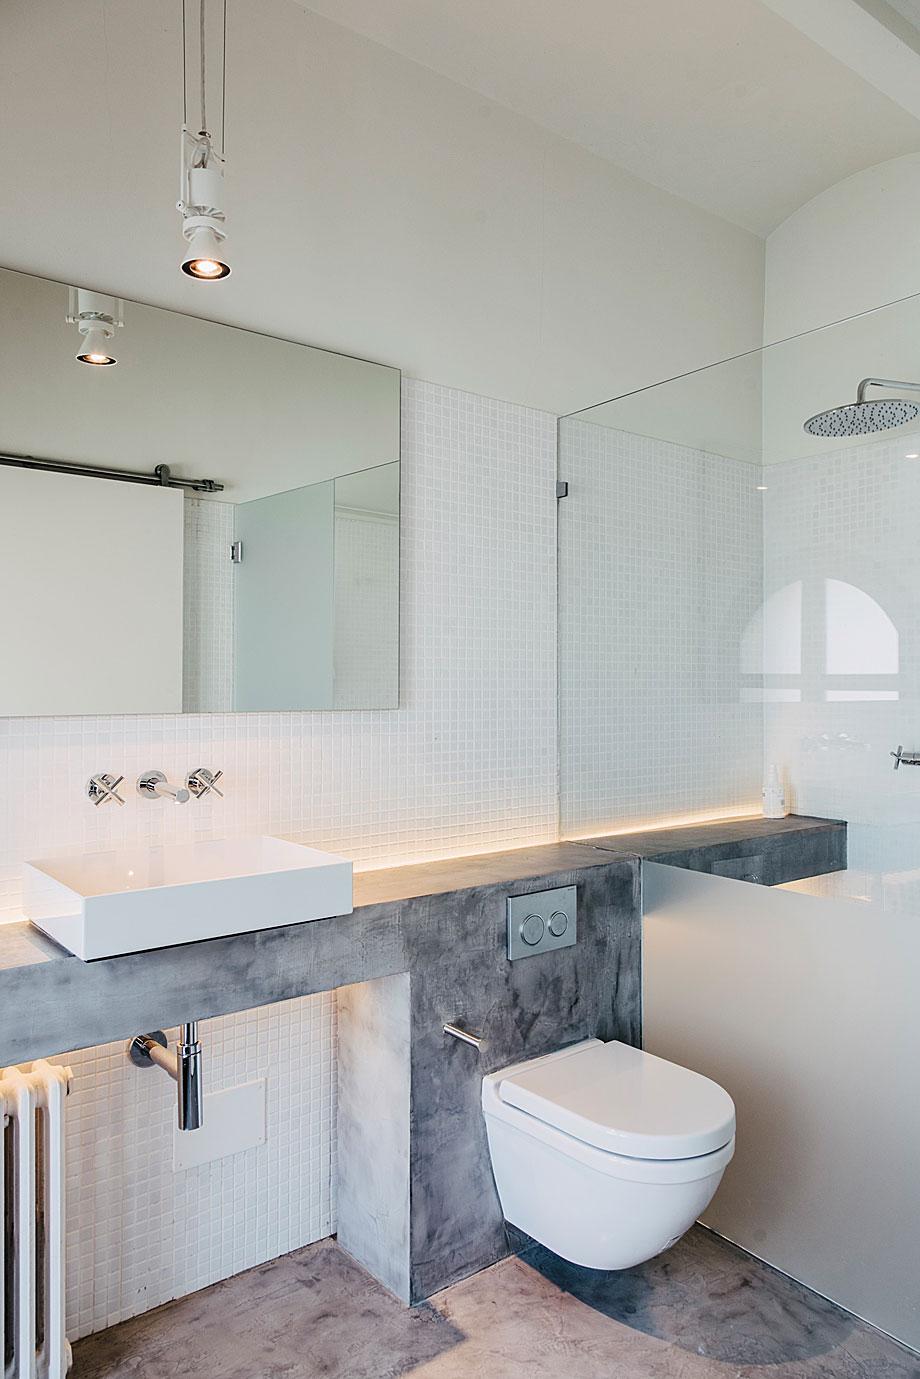 mesura-architecture-sant-mori-ampliacion-girona-housing-project-spain-arquitectura-21